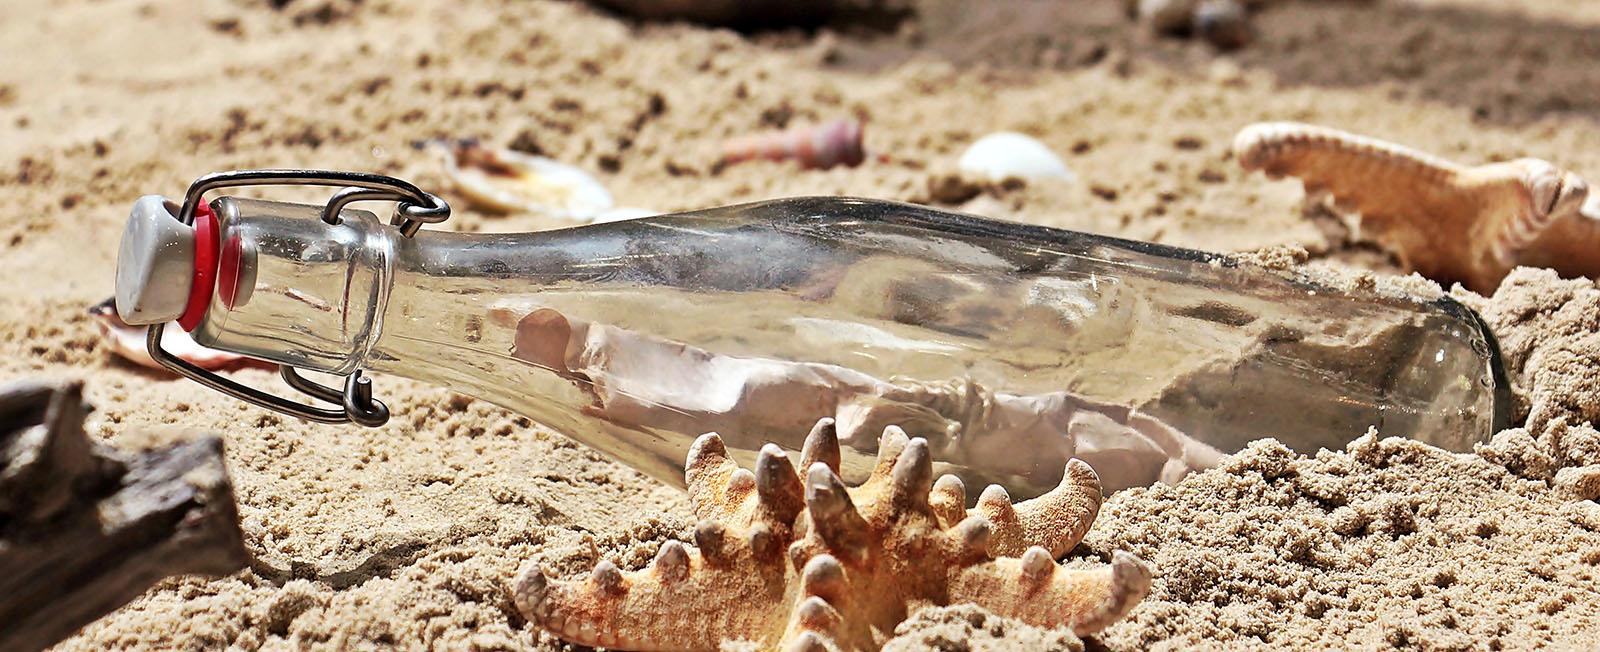 message-in-a-bottle-_klein